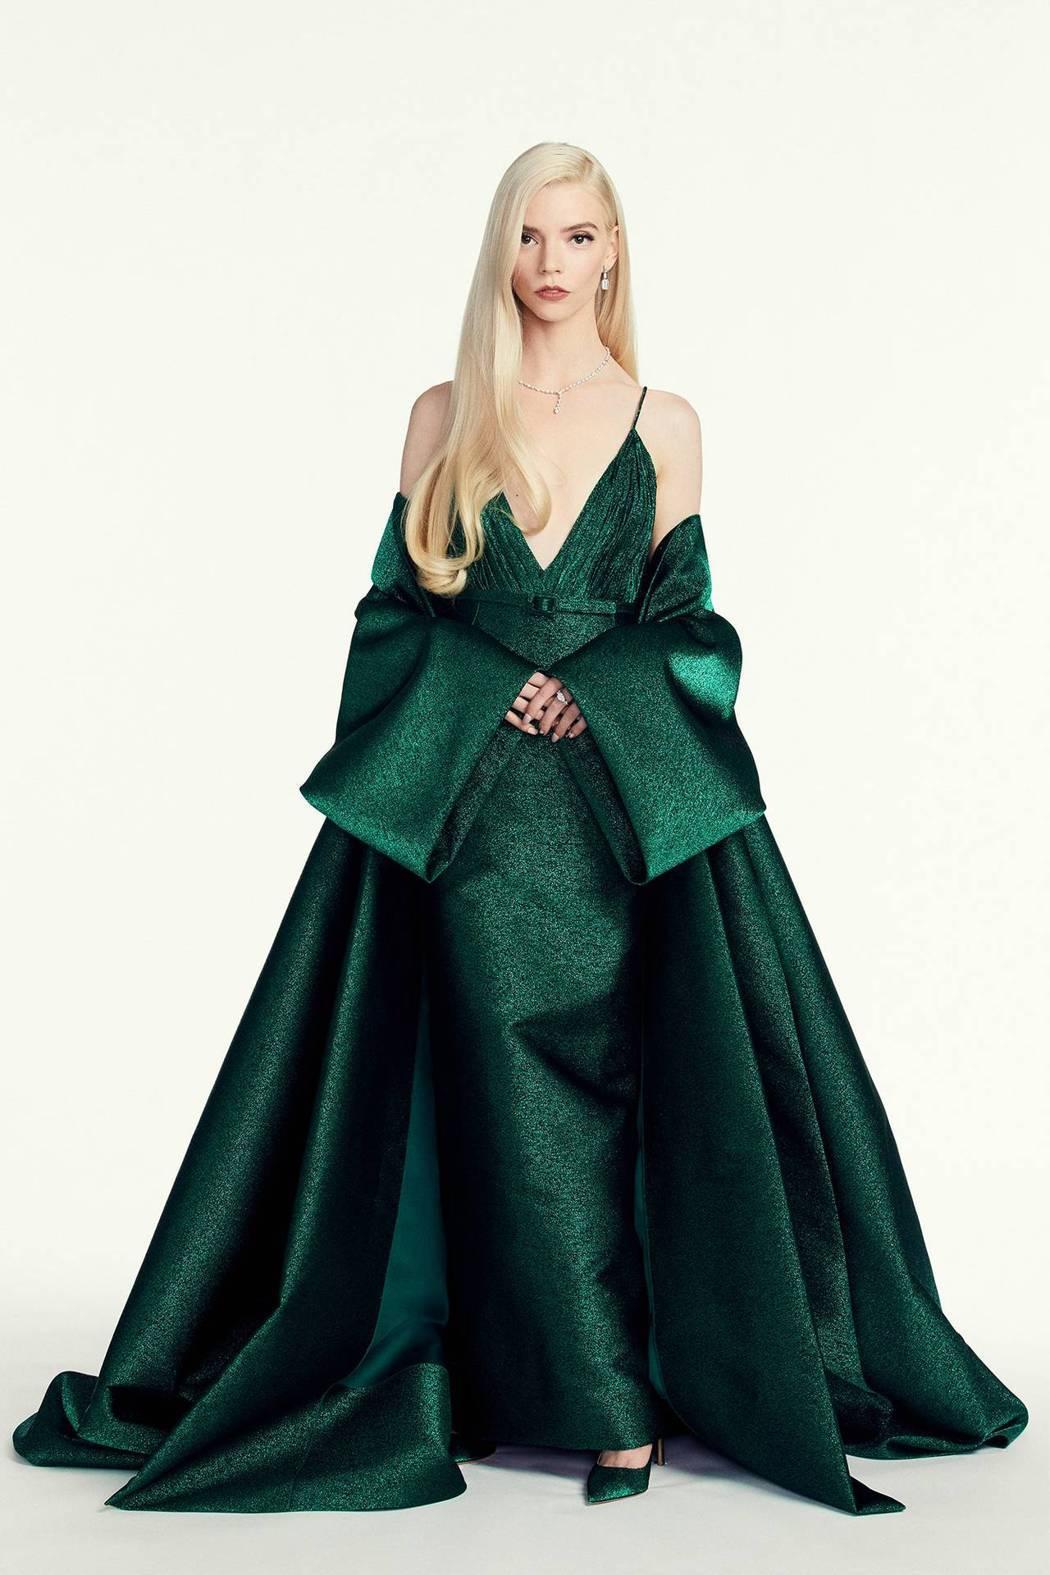 安雅泰勒喬伊穿Dior的綠色禮服展現古典隆重的姿態,展現宛如好萊塢黃金年代的時代...